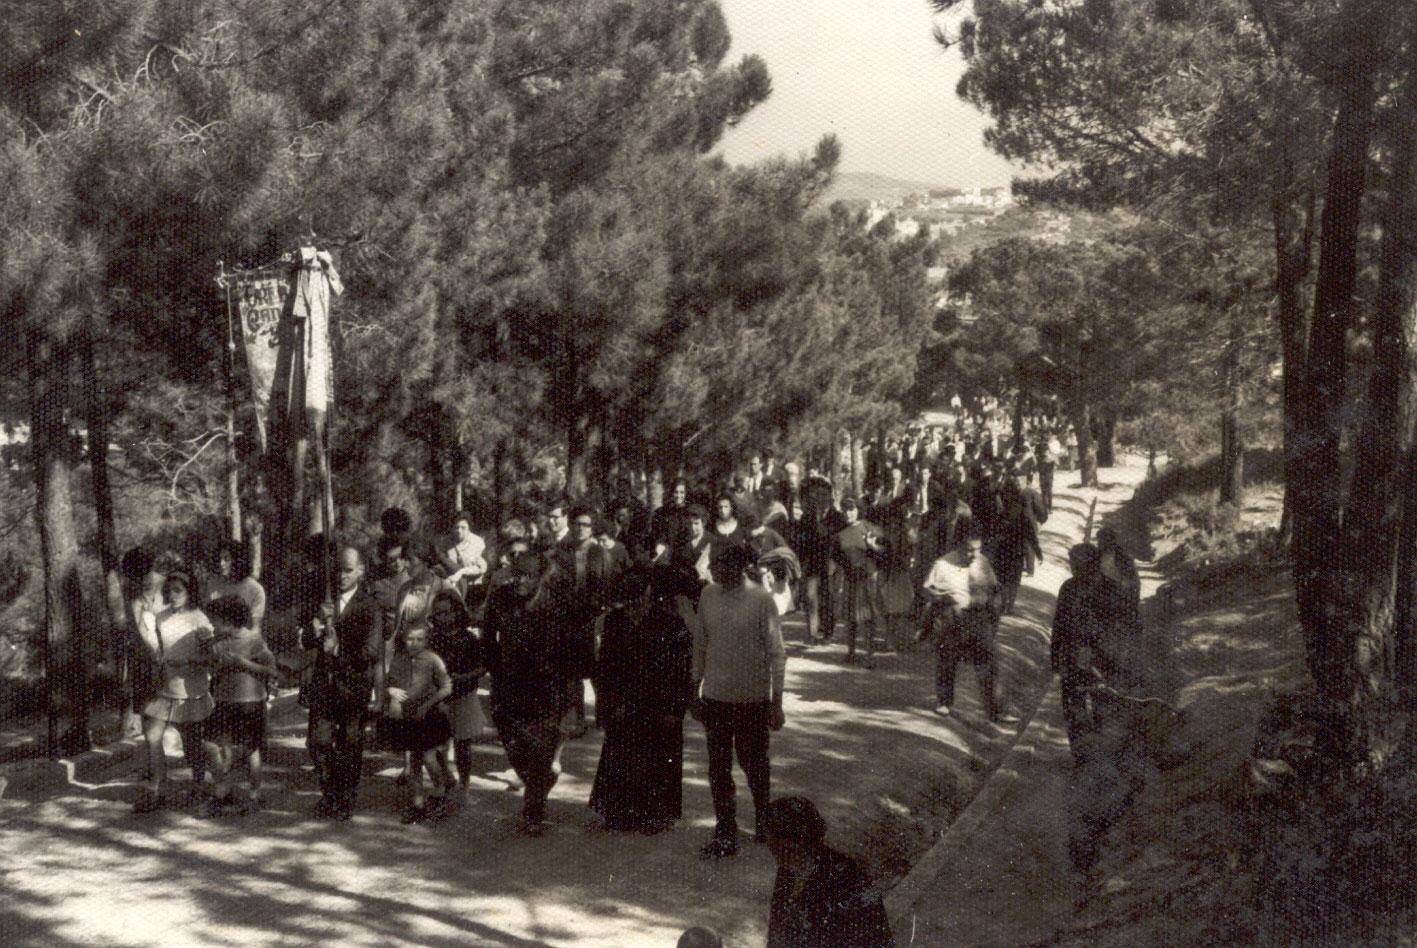 Processó durant l'Aplec de la Verge del Bonviatge pujant a Sant Elm a finals dels 60. AMSFG. Fons Enric Figueras (Autor: Enric Figueras)